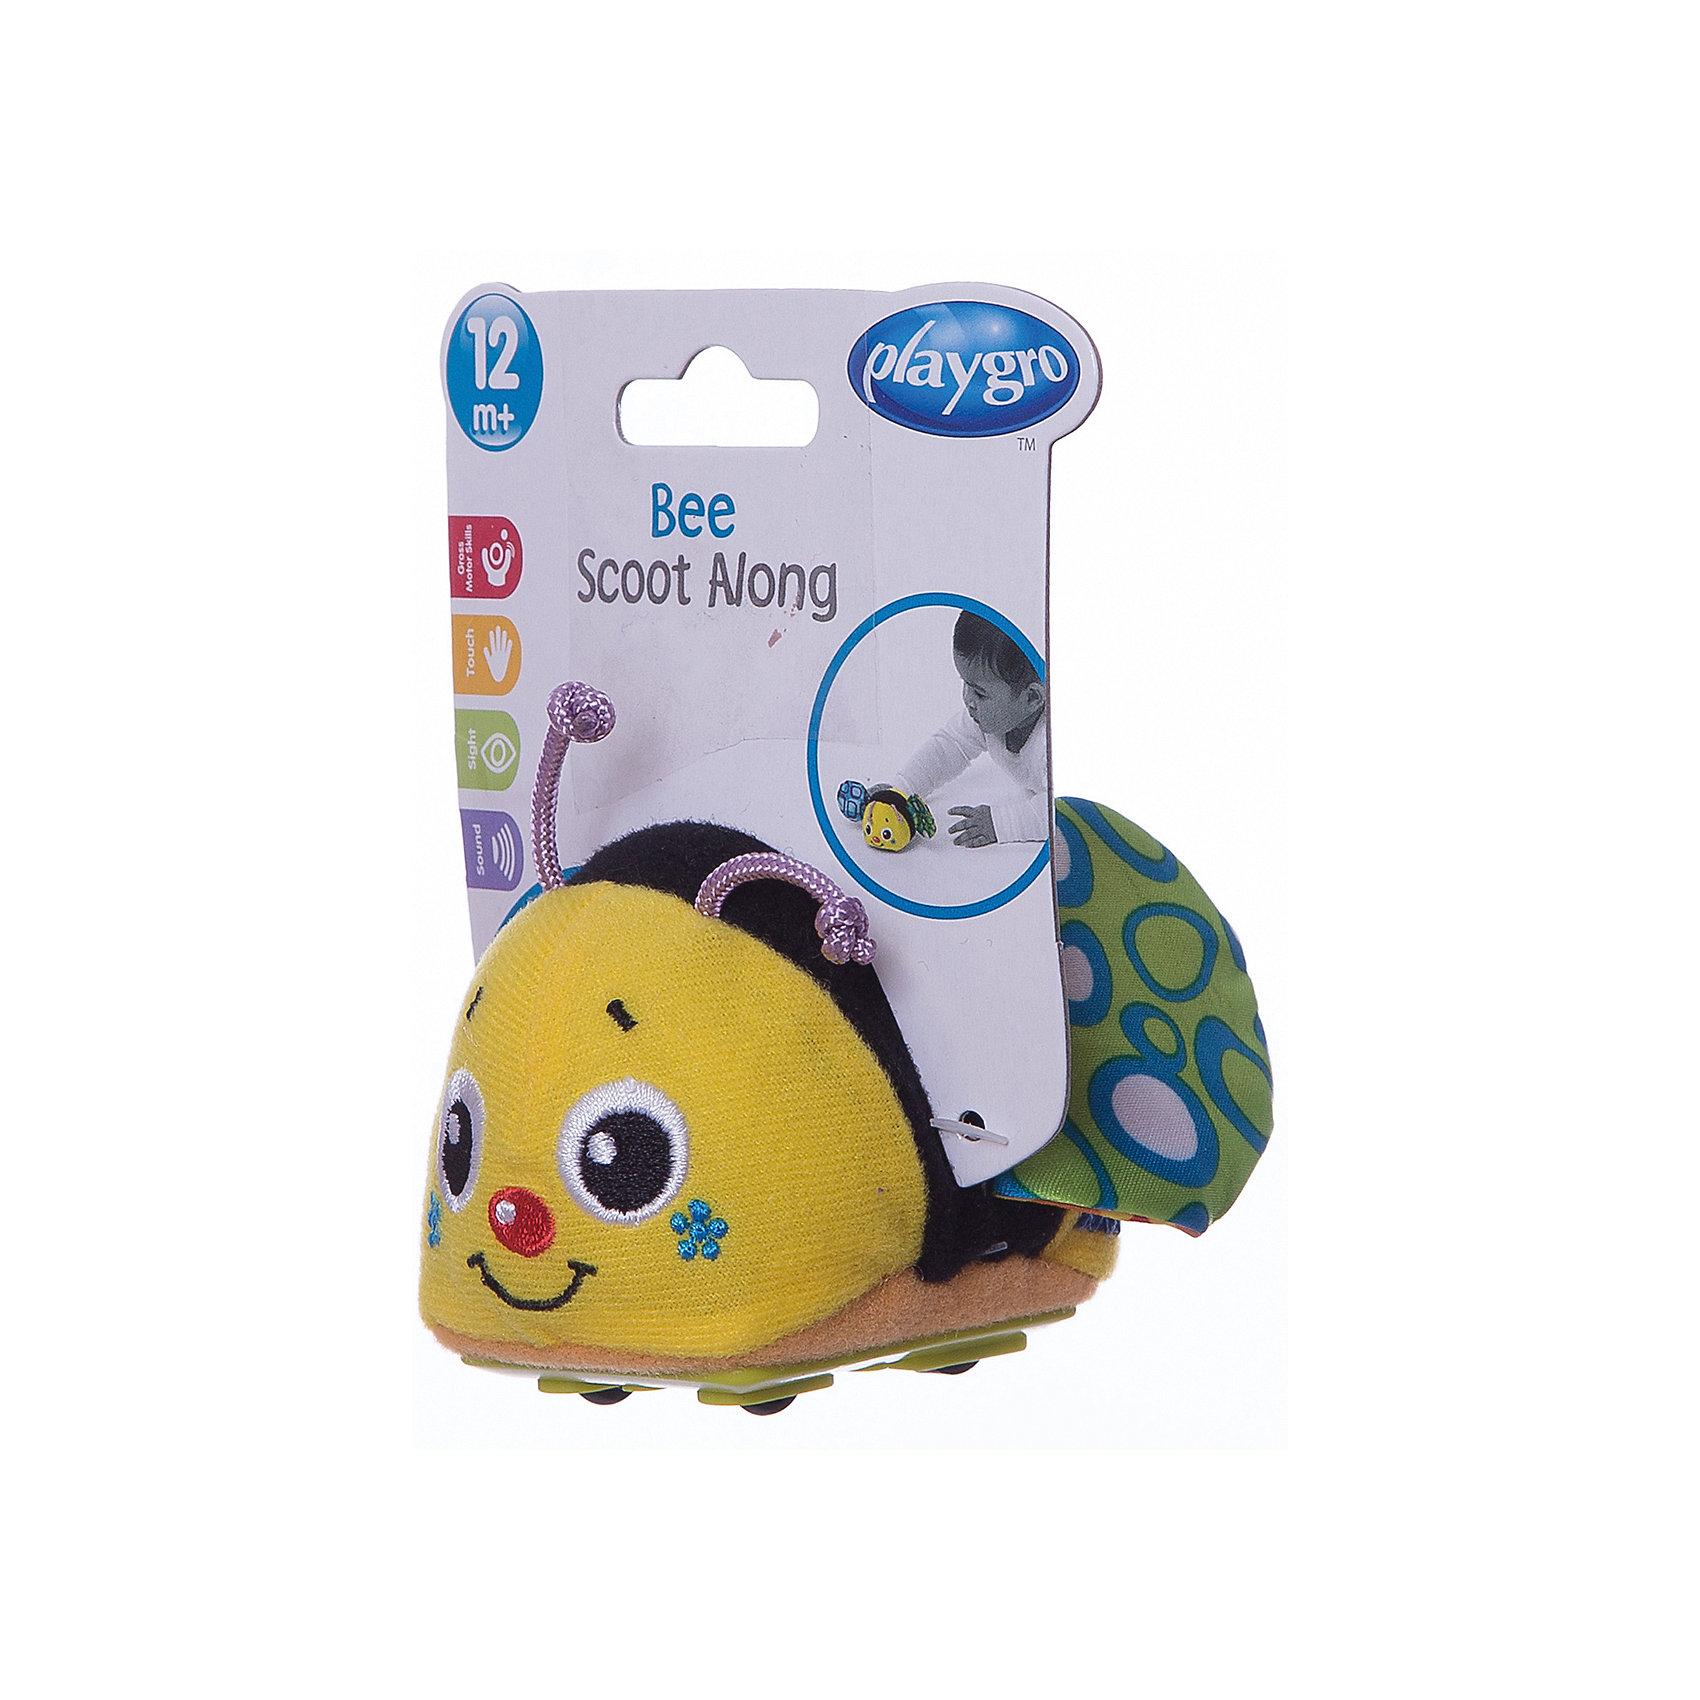 Игрушка инерционная Пчелка, PlaygroКреативная игрушка Пчелка принесет ребенку много радости и веселья. Внутри игрушки находится инерционный механизм: если оттянуть ее назад и отпустить, и она моментально убежит вперед. При движении симпатичная пчелка издает характерные звуки, которые развивают слуховое восприятие ребенка.<br><br>Дополнительная информация:<br><br>- Возраст: от 6 месяцев до 3 лет<br>- Материал: пластик, текстиль<br>- Размер: 8х7х8 см<br>- Вес: 0.05 кг<br><br>Игрушку инерционная Пчелка, Playgro можно купить в нашем интернет-магазине.<br><br>Ширина мм: 80<br>Глубина мм: 70<br>Высота мм: 80<br>Вес г: 50<br>Возраст от месяцев: 6<br>Возраст до месяцев: 36<br>Пол: Унисекс<br>Возраст: Детский<br>SKU: 4779539